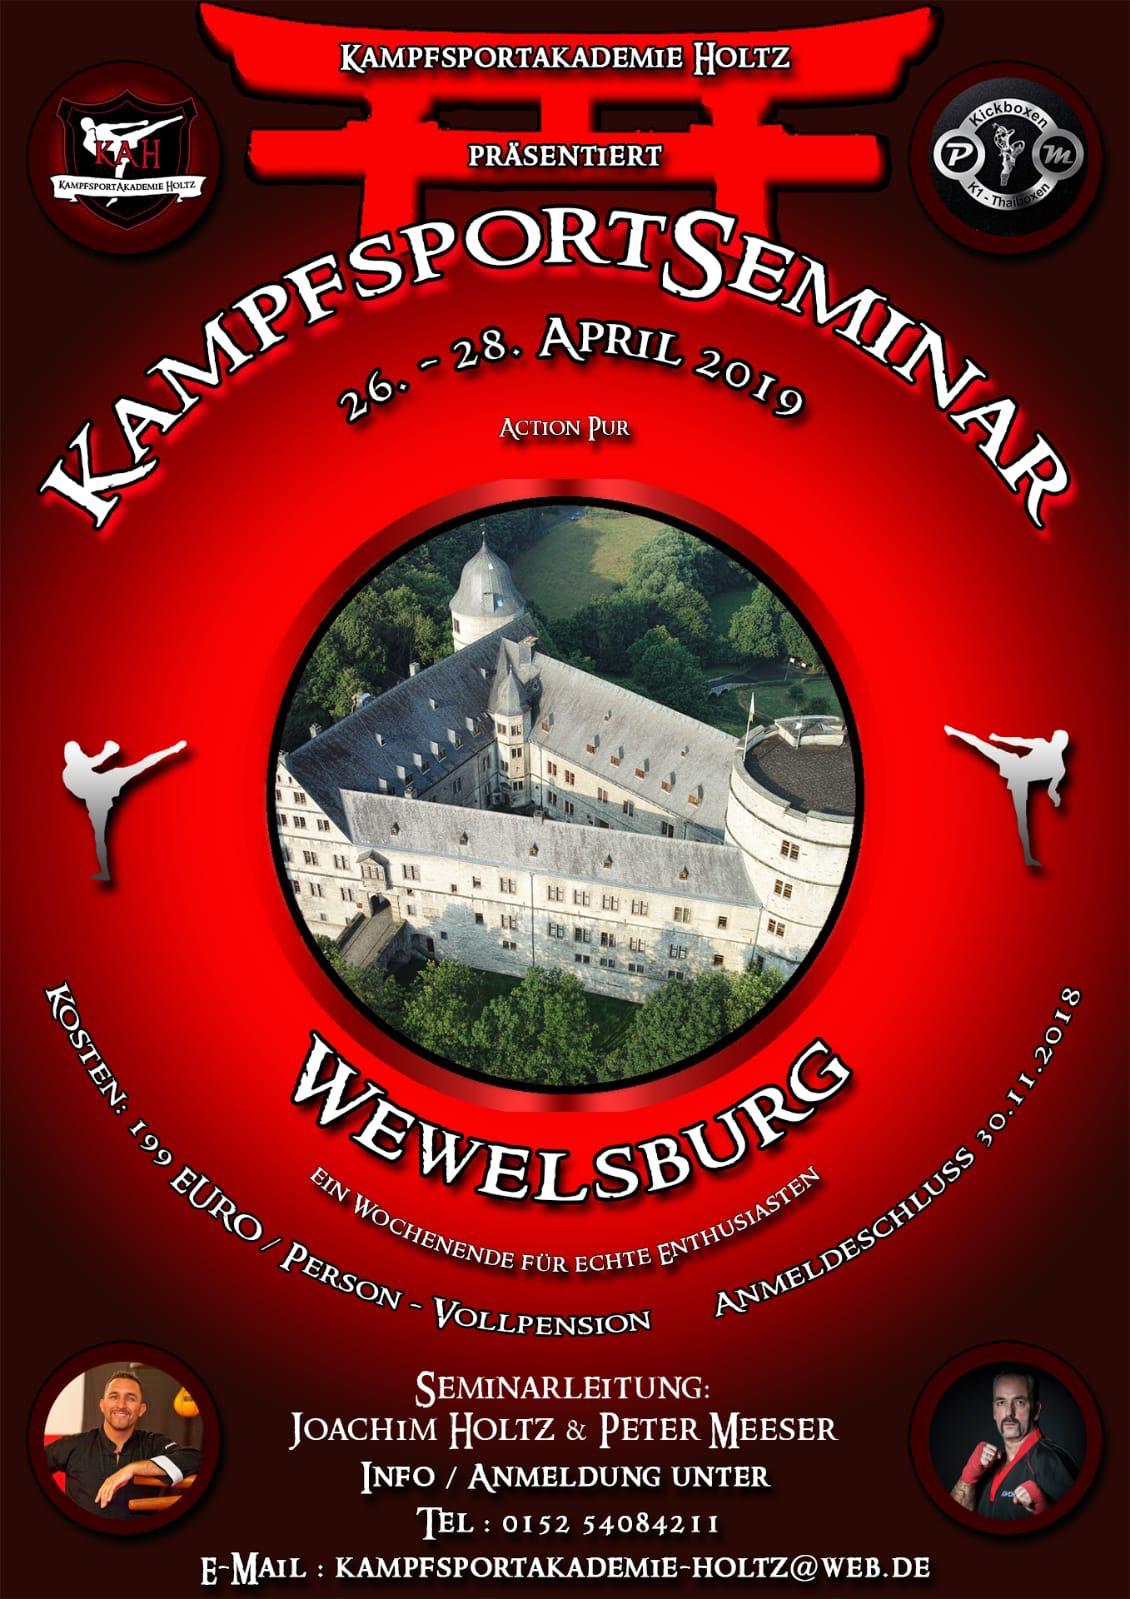 Kampfsportseminar Wewelsburg Apirl 2019